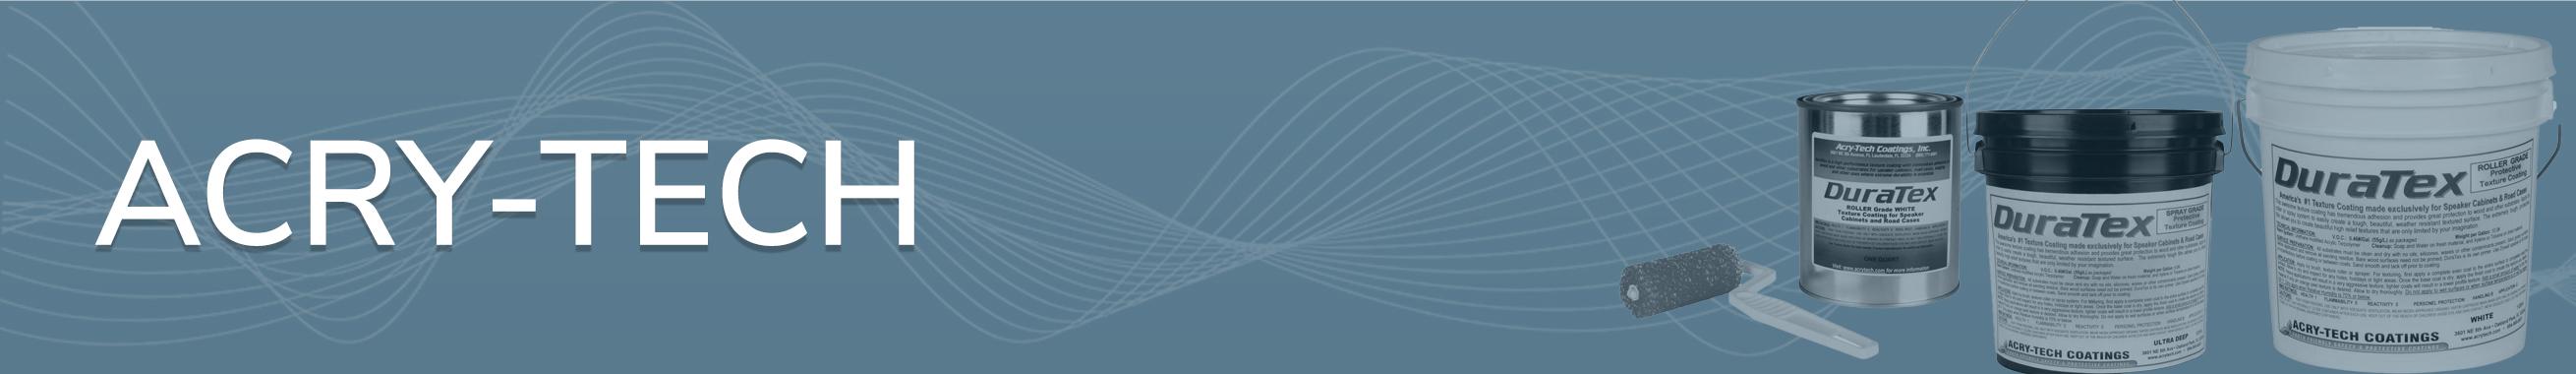 Acry-Tech produkte bestellen